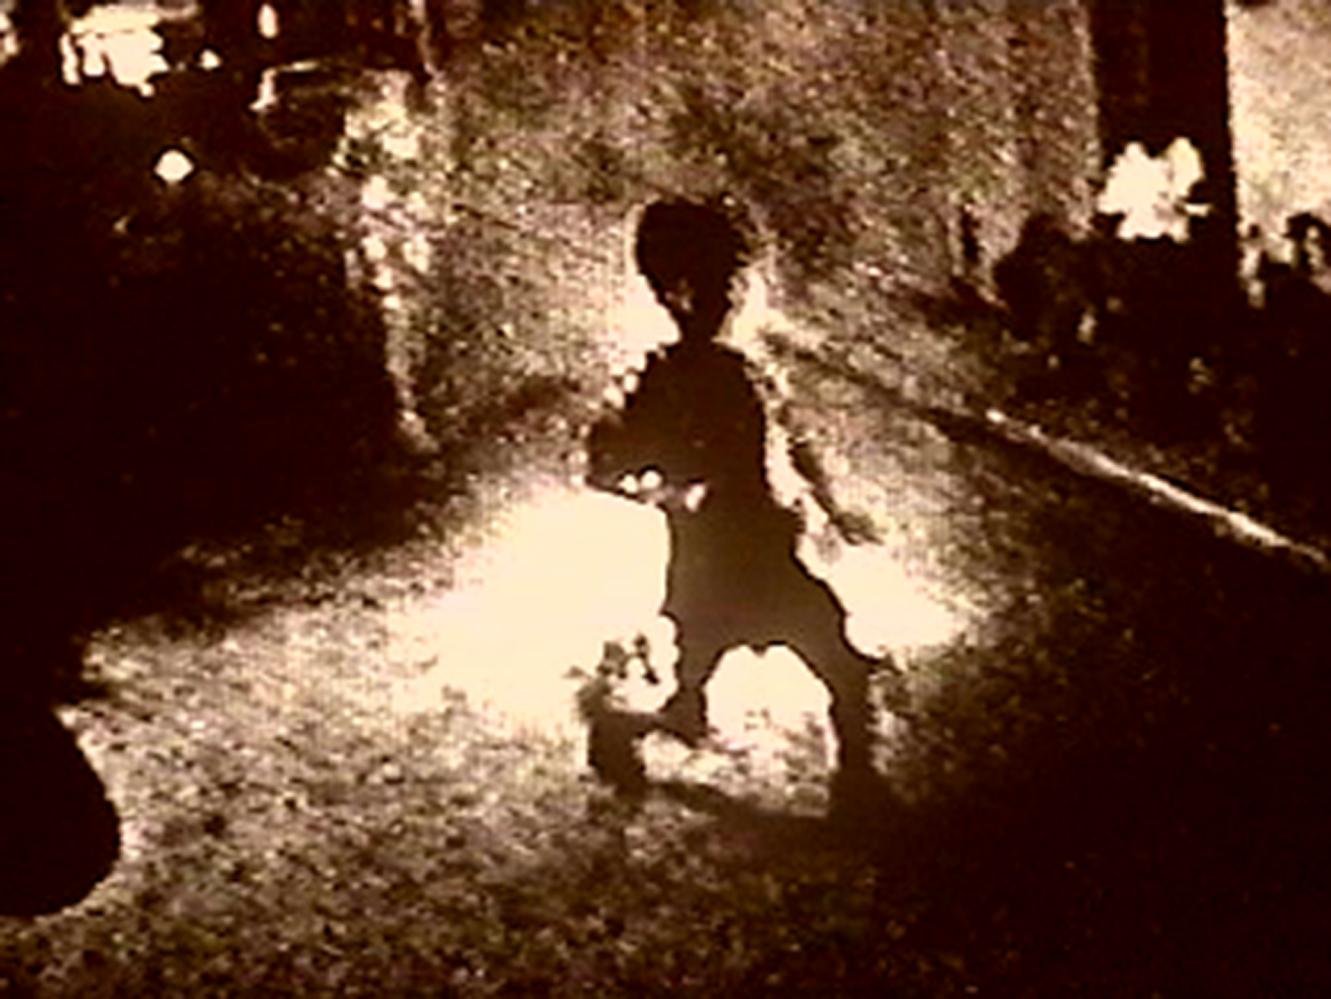 Παναγιώτα Τζαμουράνη, Διαδρομές, 2004 (στιγμιότυπο βίντεο) Βίντεο VHS 07:00 λεπτά